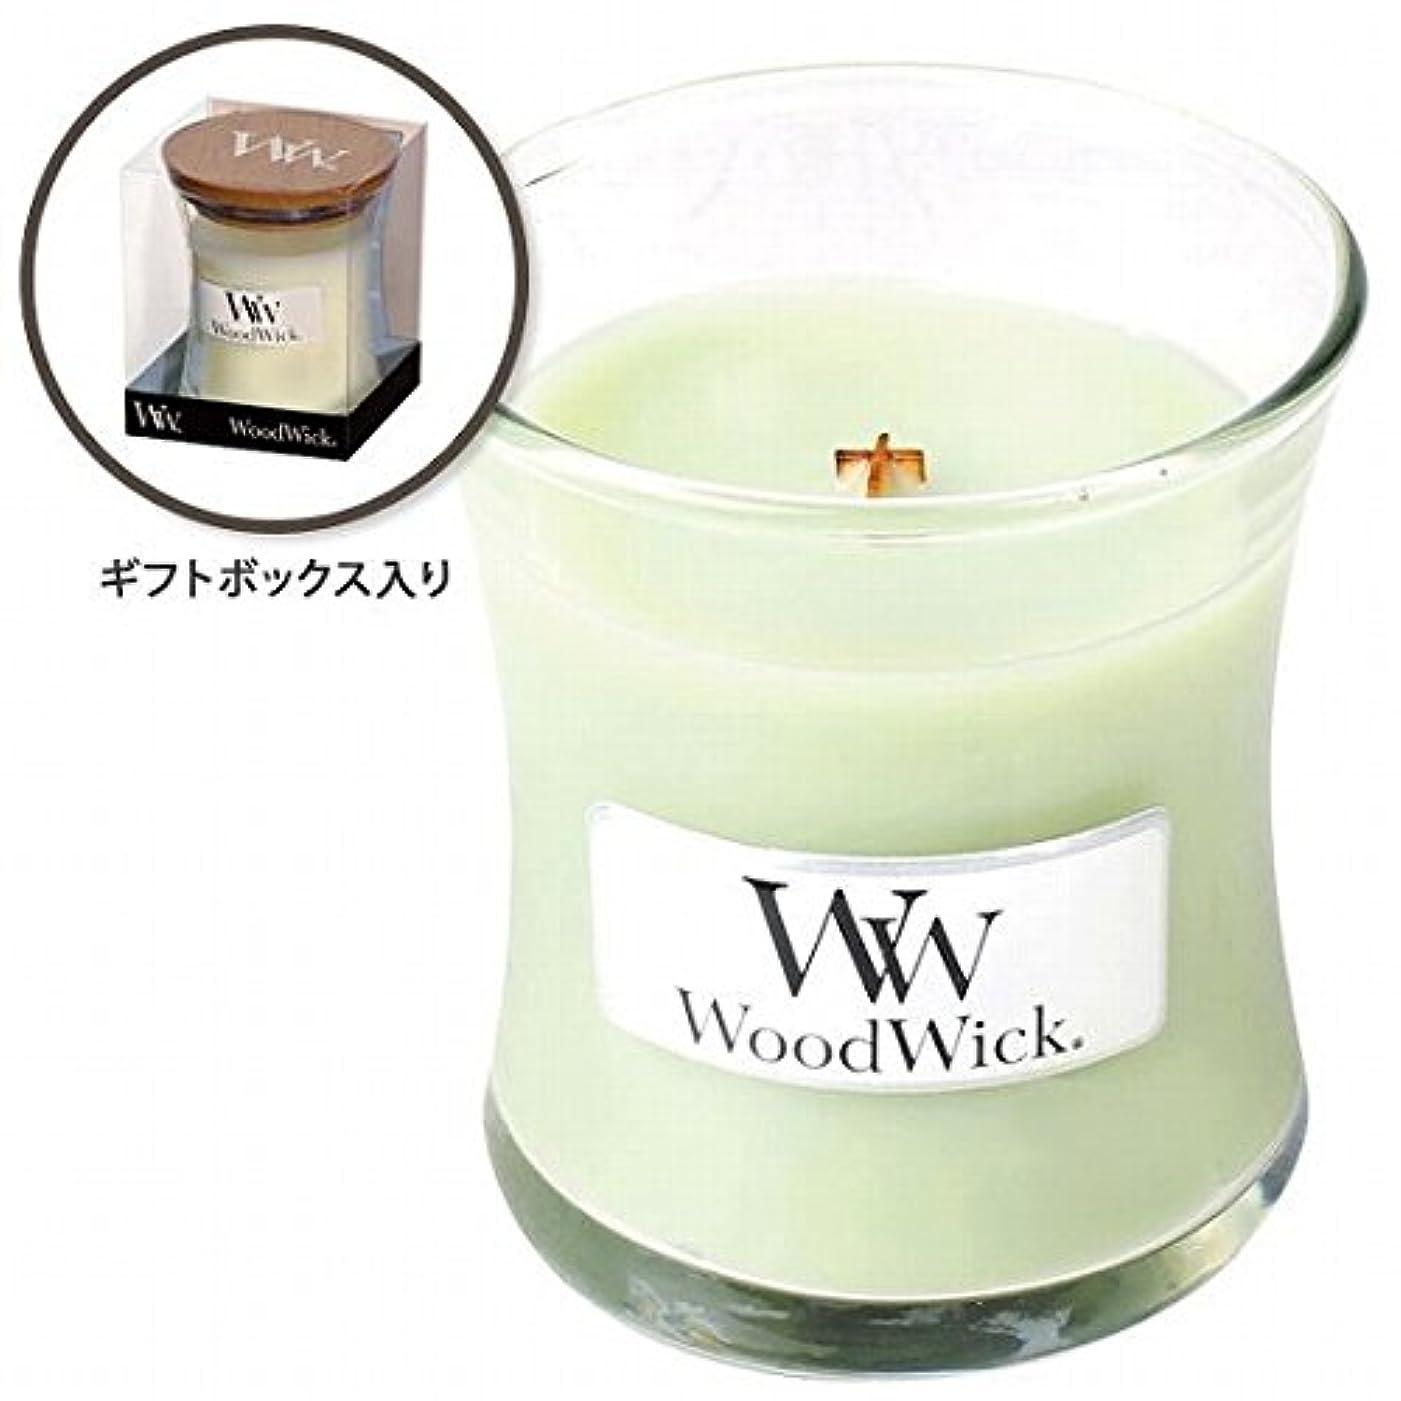 ナチュラルサーバント提供されたWoodWick(ウッドウィック) Wood WickジャーS 「ライムジェラート」(W9000561)